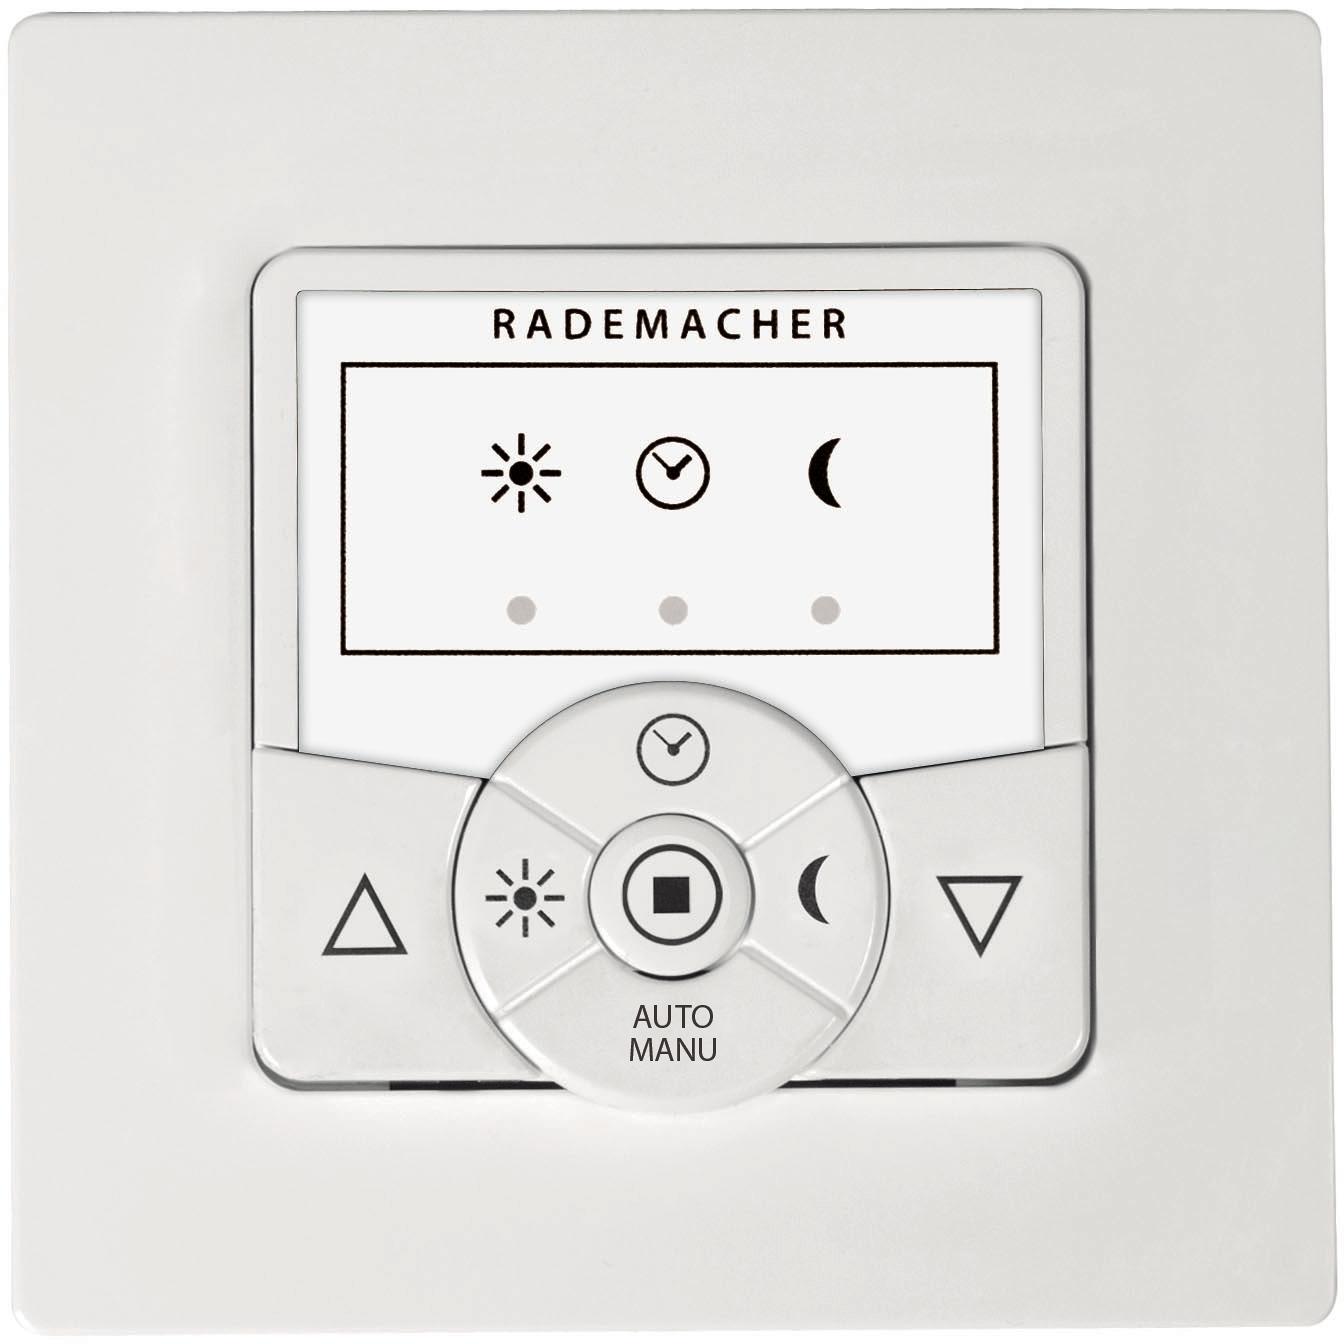 Berühmt 2 Draht Zeitschaltuhr Ideen - Elektrische Schaltplan-Ideen ...